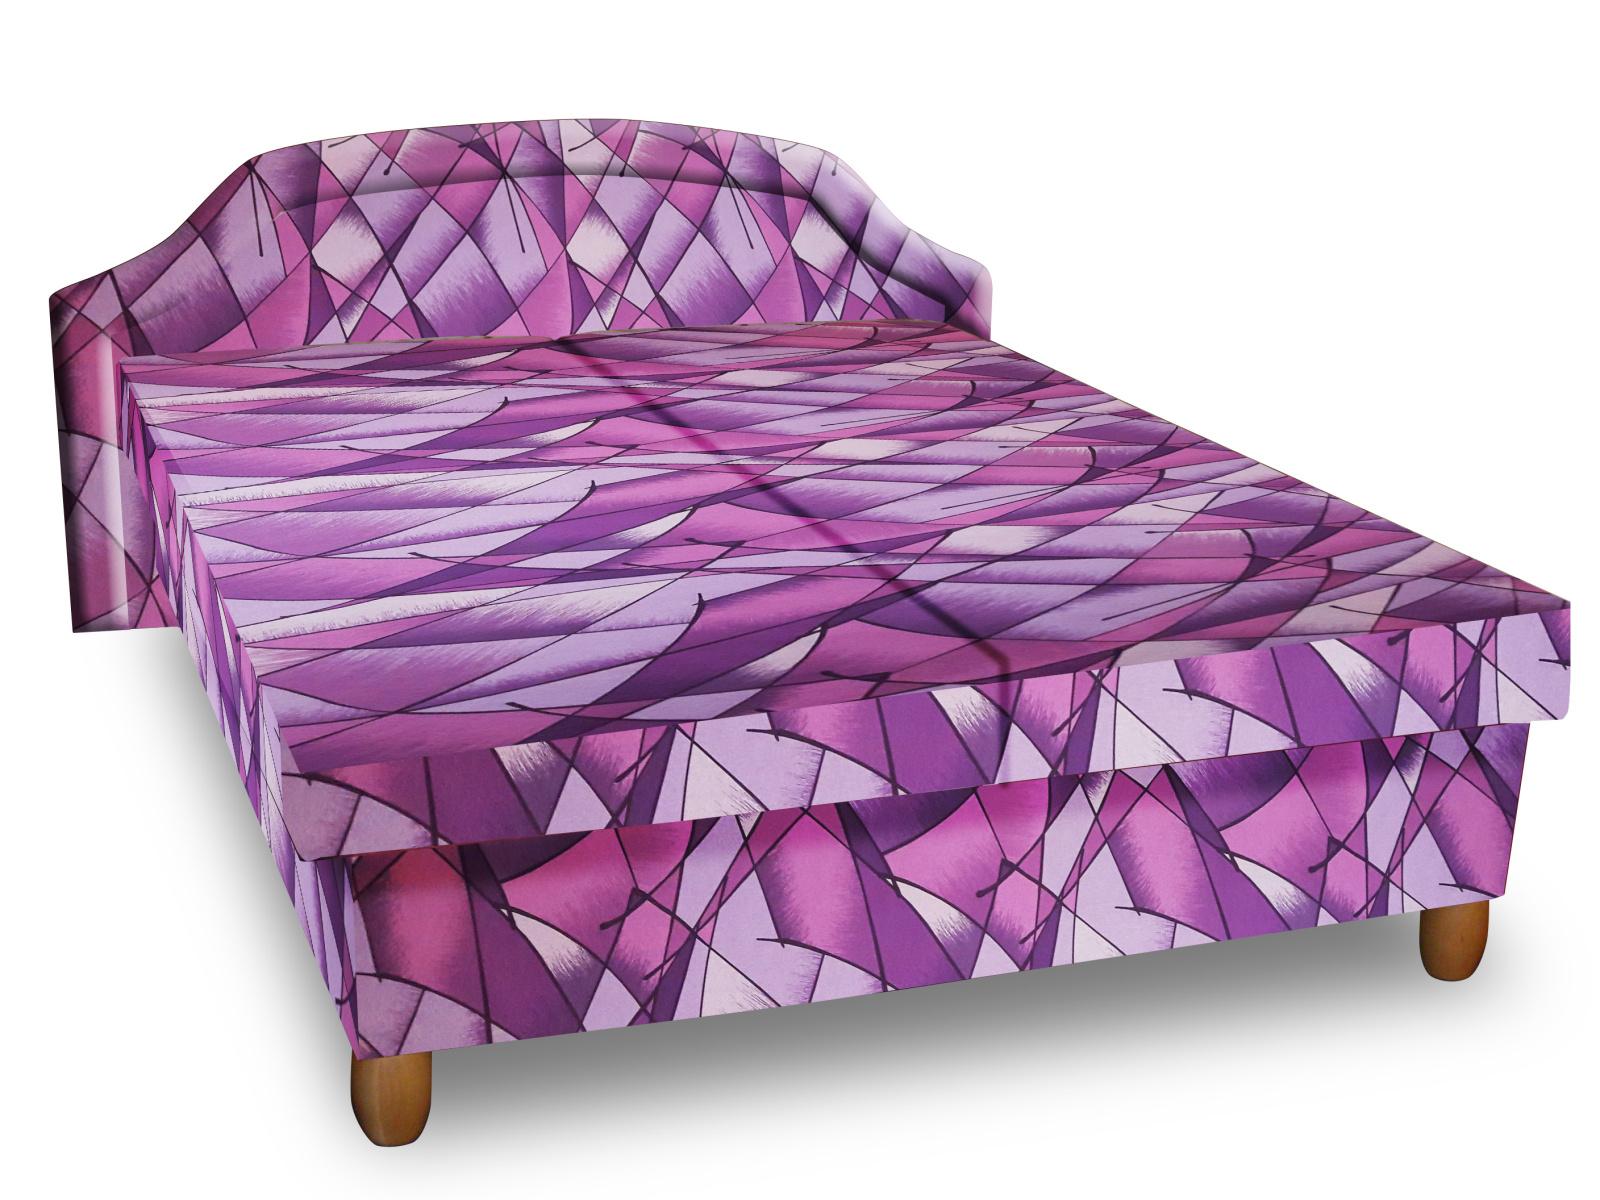 Smartshop Čalouněná postel KARINA 120x200 cm, fialová látka